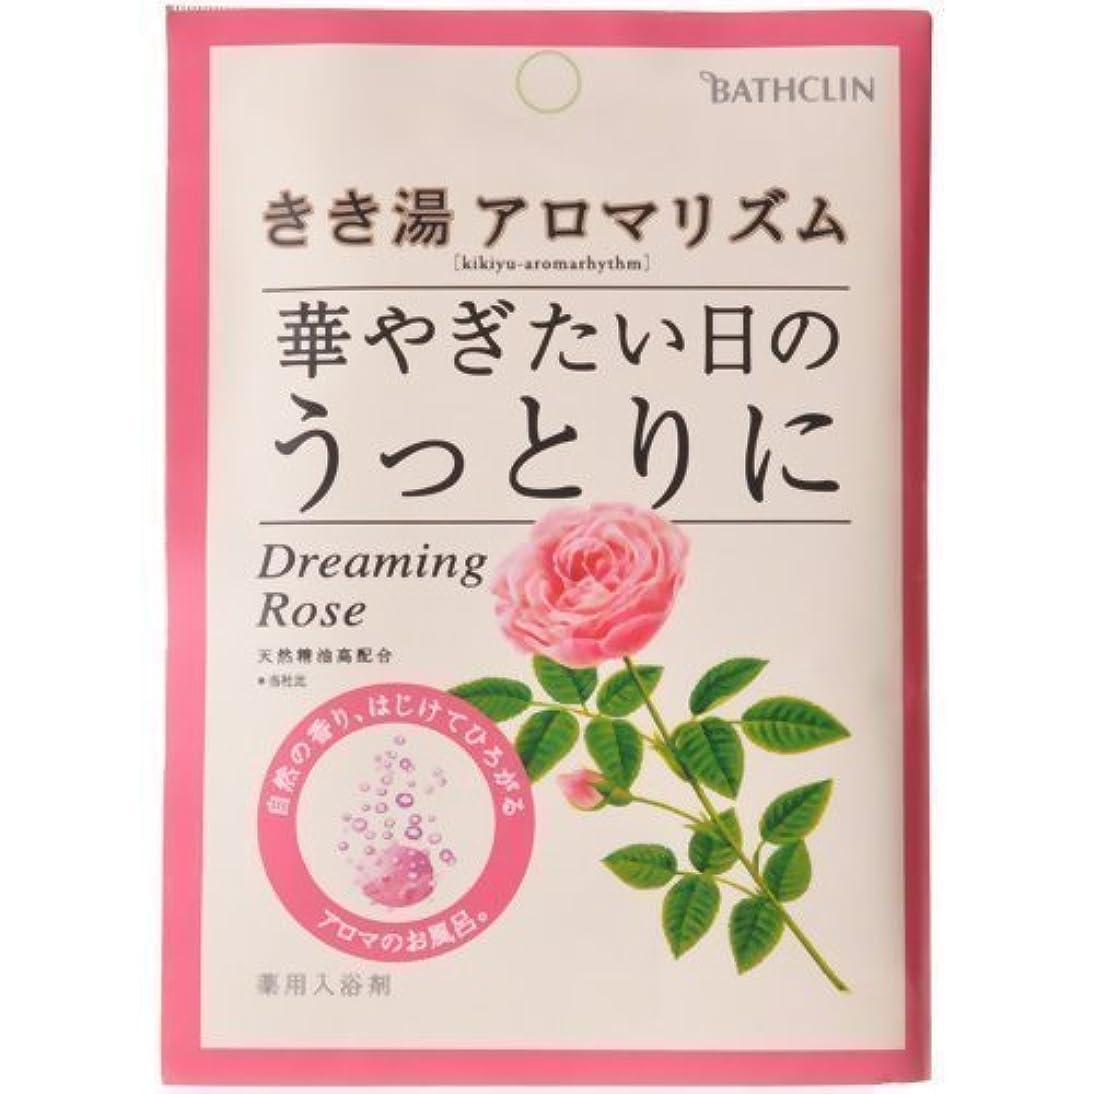 マインド複合解任【まとめ買い】きき湯 アロマリズム ドリーミングローズの香り 30g ×5個